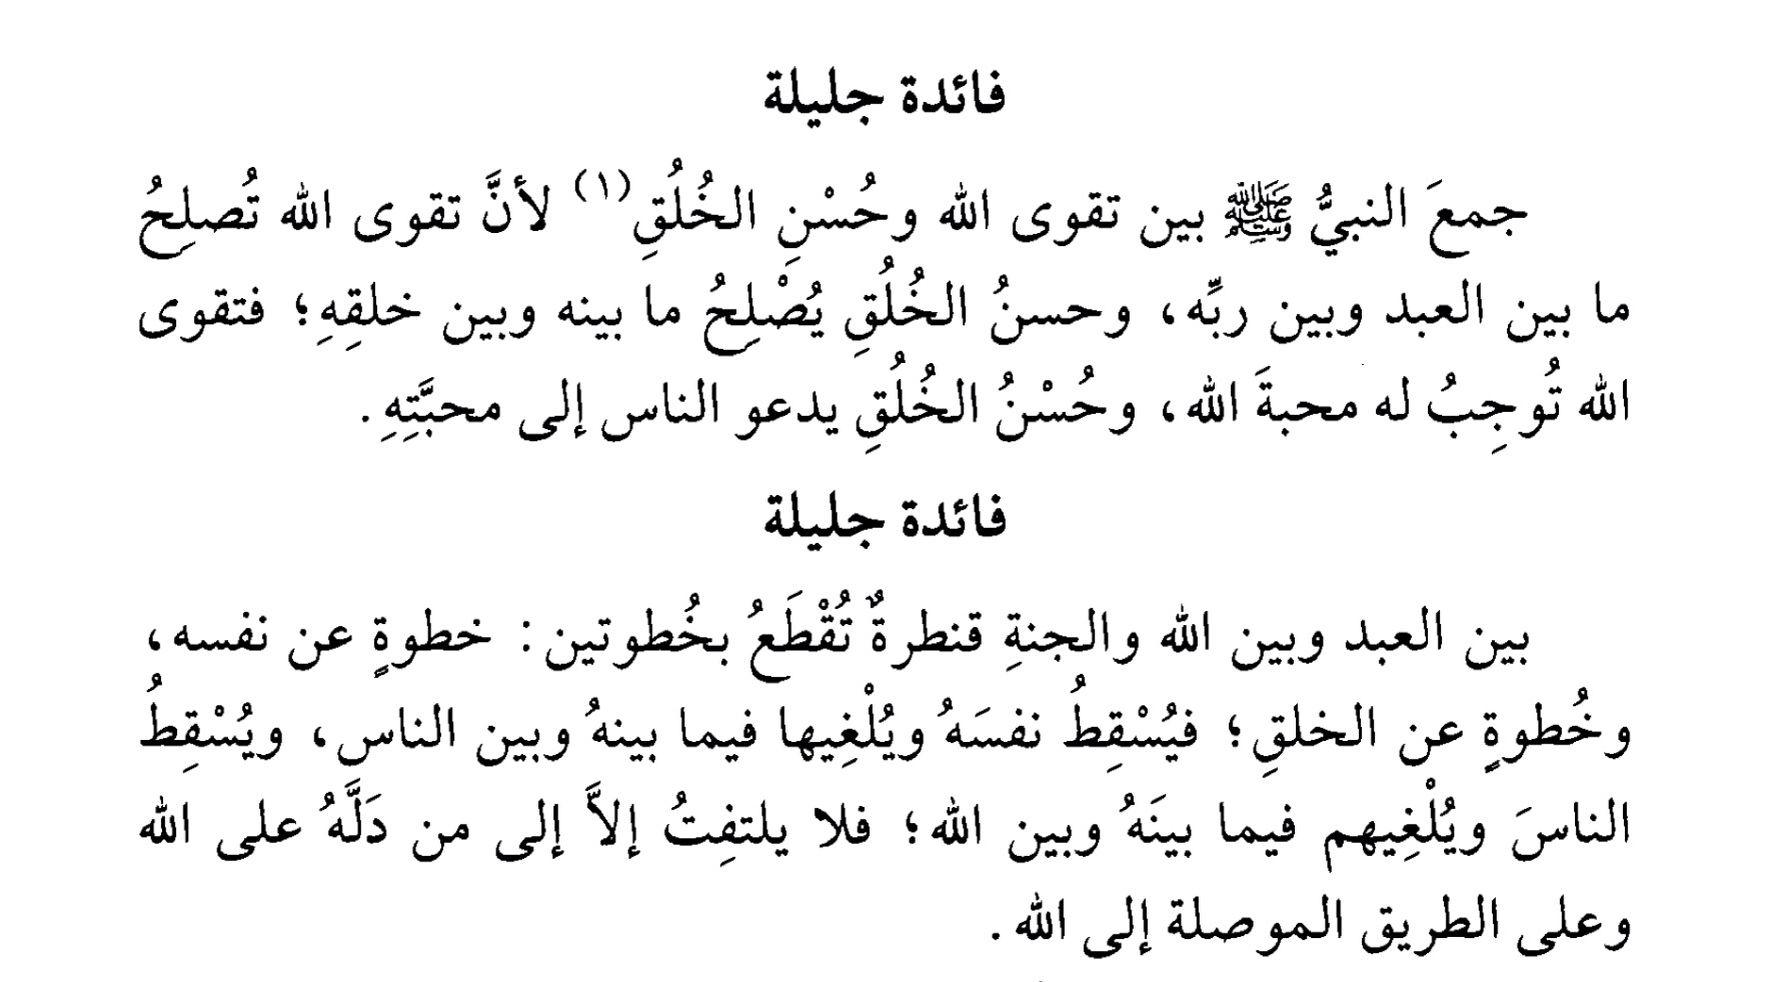 تقوى الله وحسن الخلق ابن القيم كتاب الفوائد Wisdom Words Of Wisdom Arabic Words